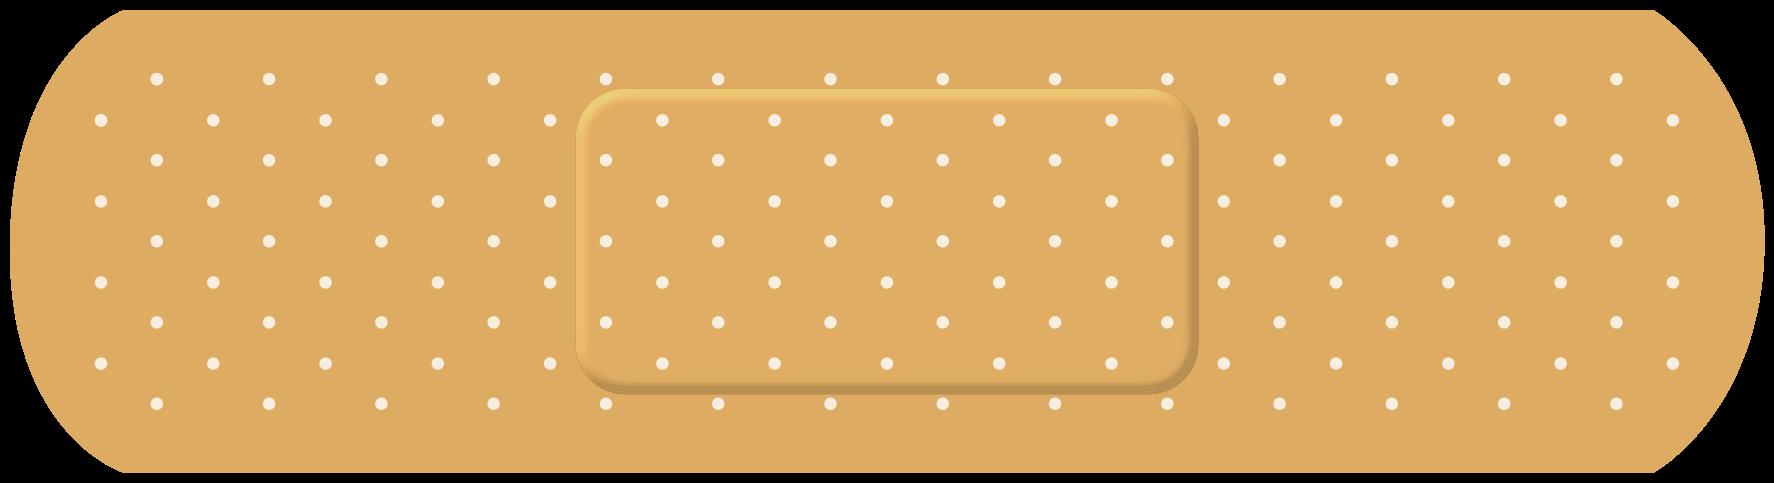 File adhesive bandage nevit. Bandaid clipart drawing